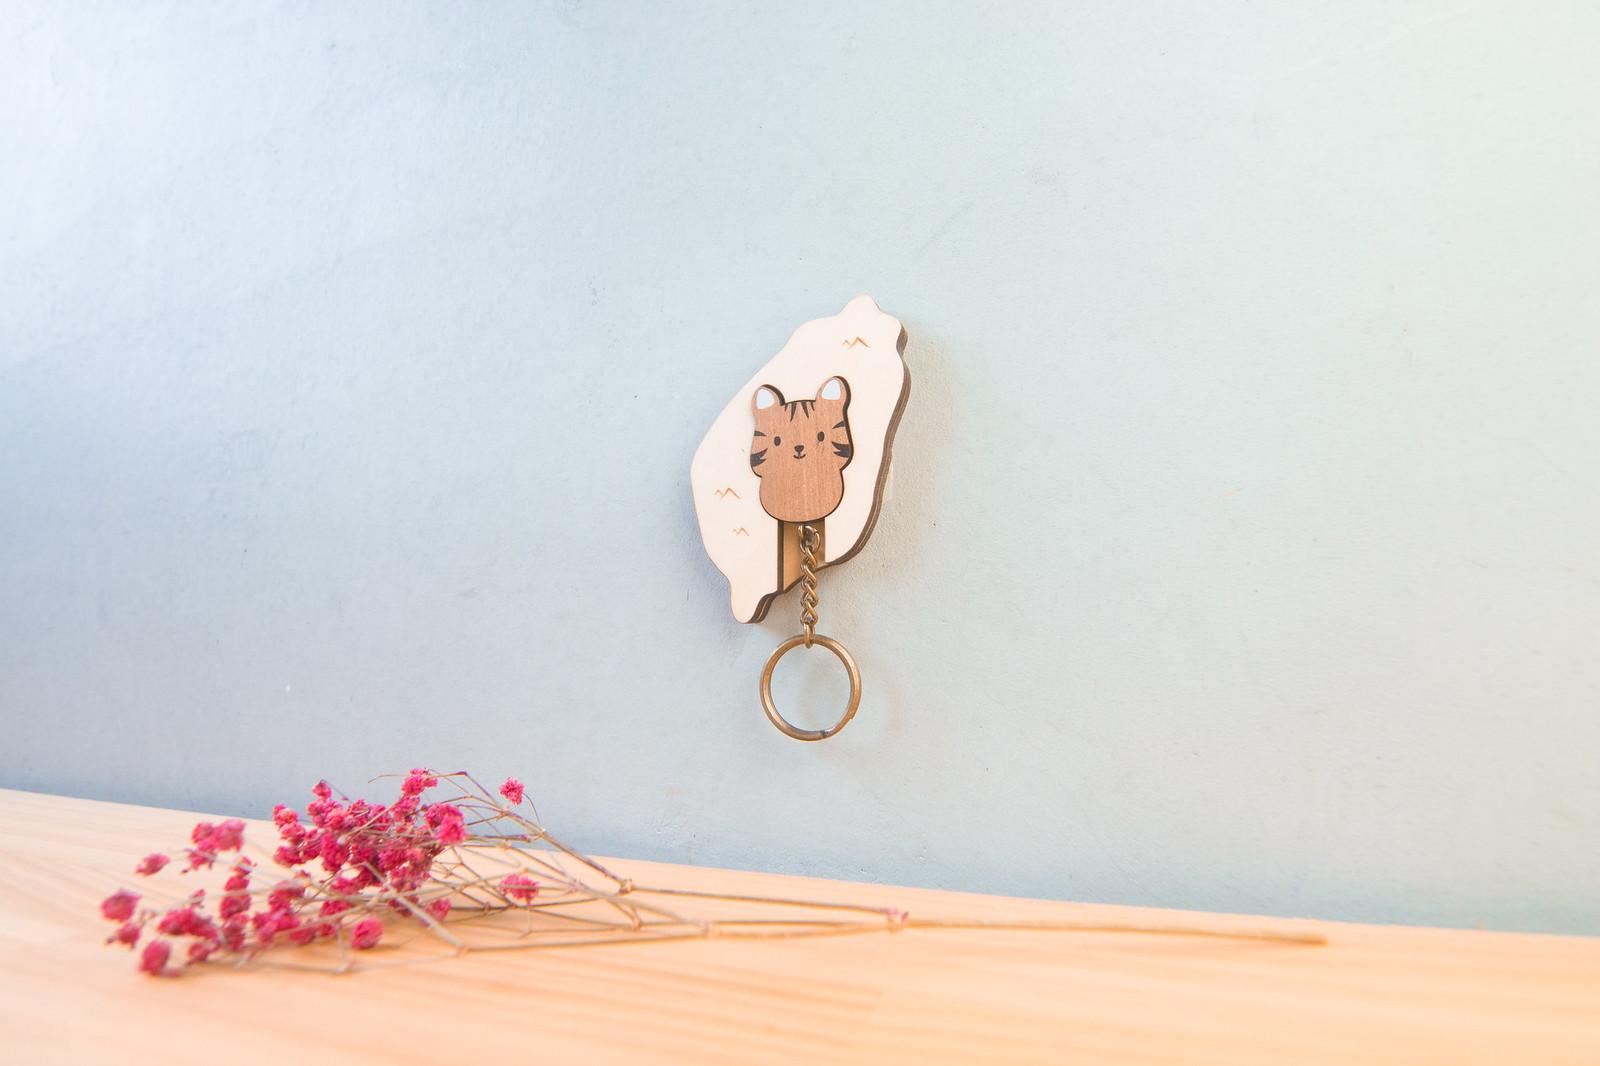 鑰匙圈 客製化 禮物 特色產品 居家 台灣設計 生日 情人節 石虎 保育類 療癒 聖誕節 收納 裝飾 吊飾 送禮 中性 木 楓木 胡桃木 鑰匙